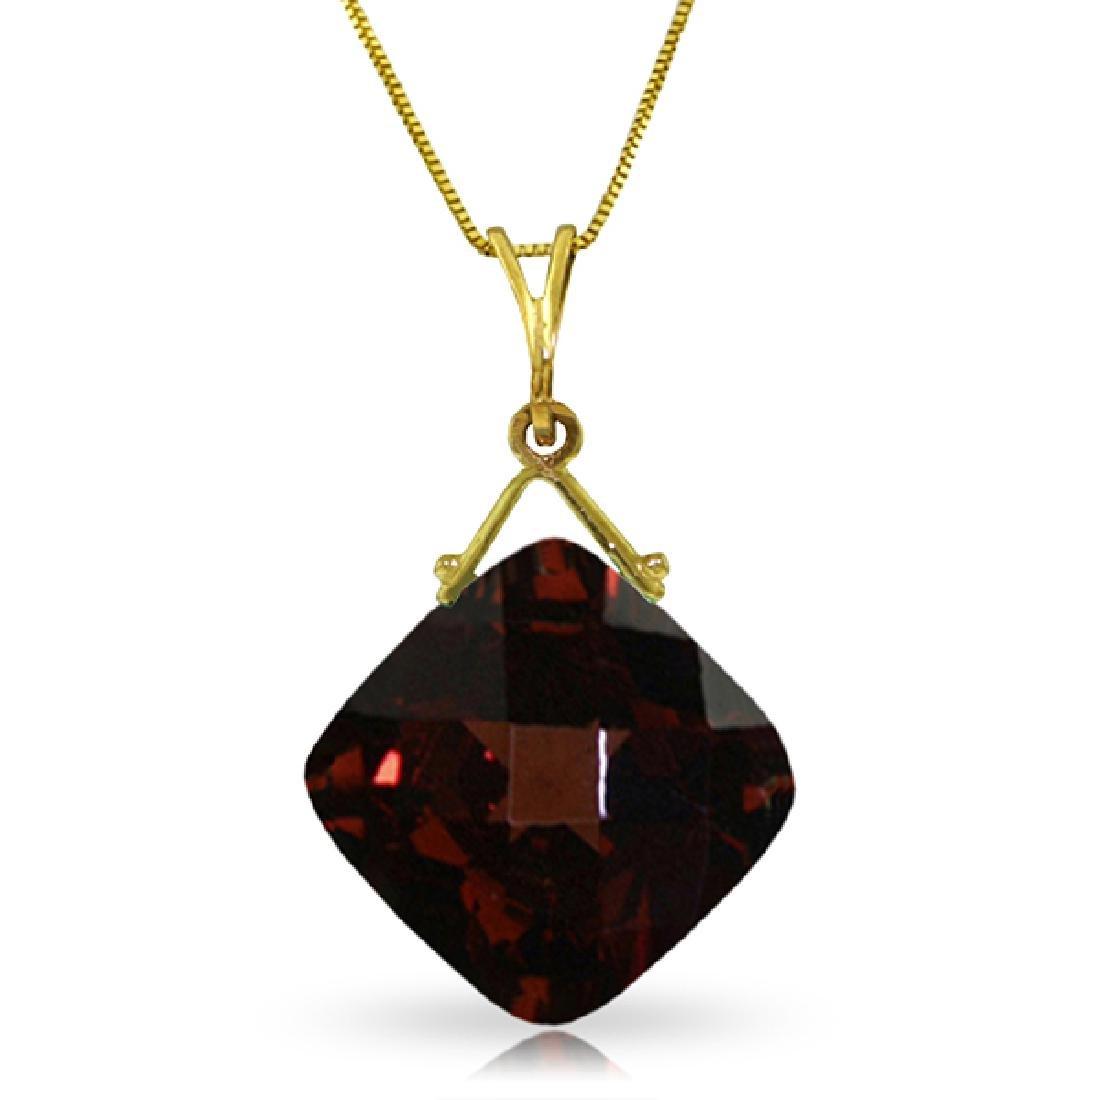 Genuine 8.75 ctw Garnet Necklace Jewelry 14KT Yellow